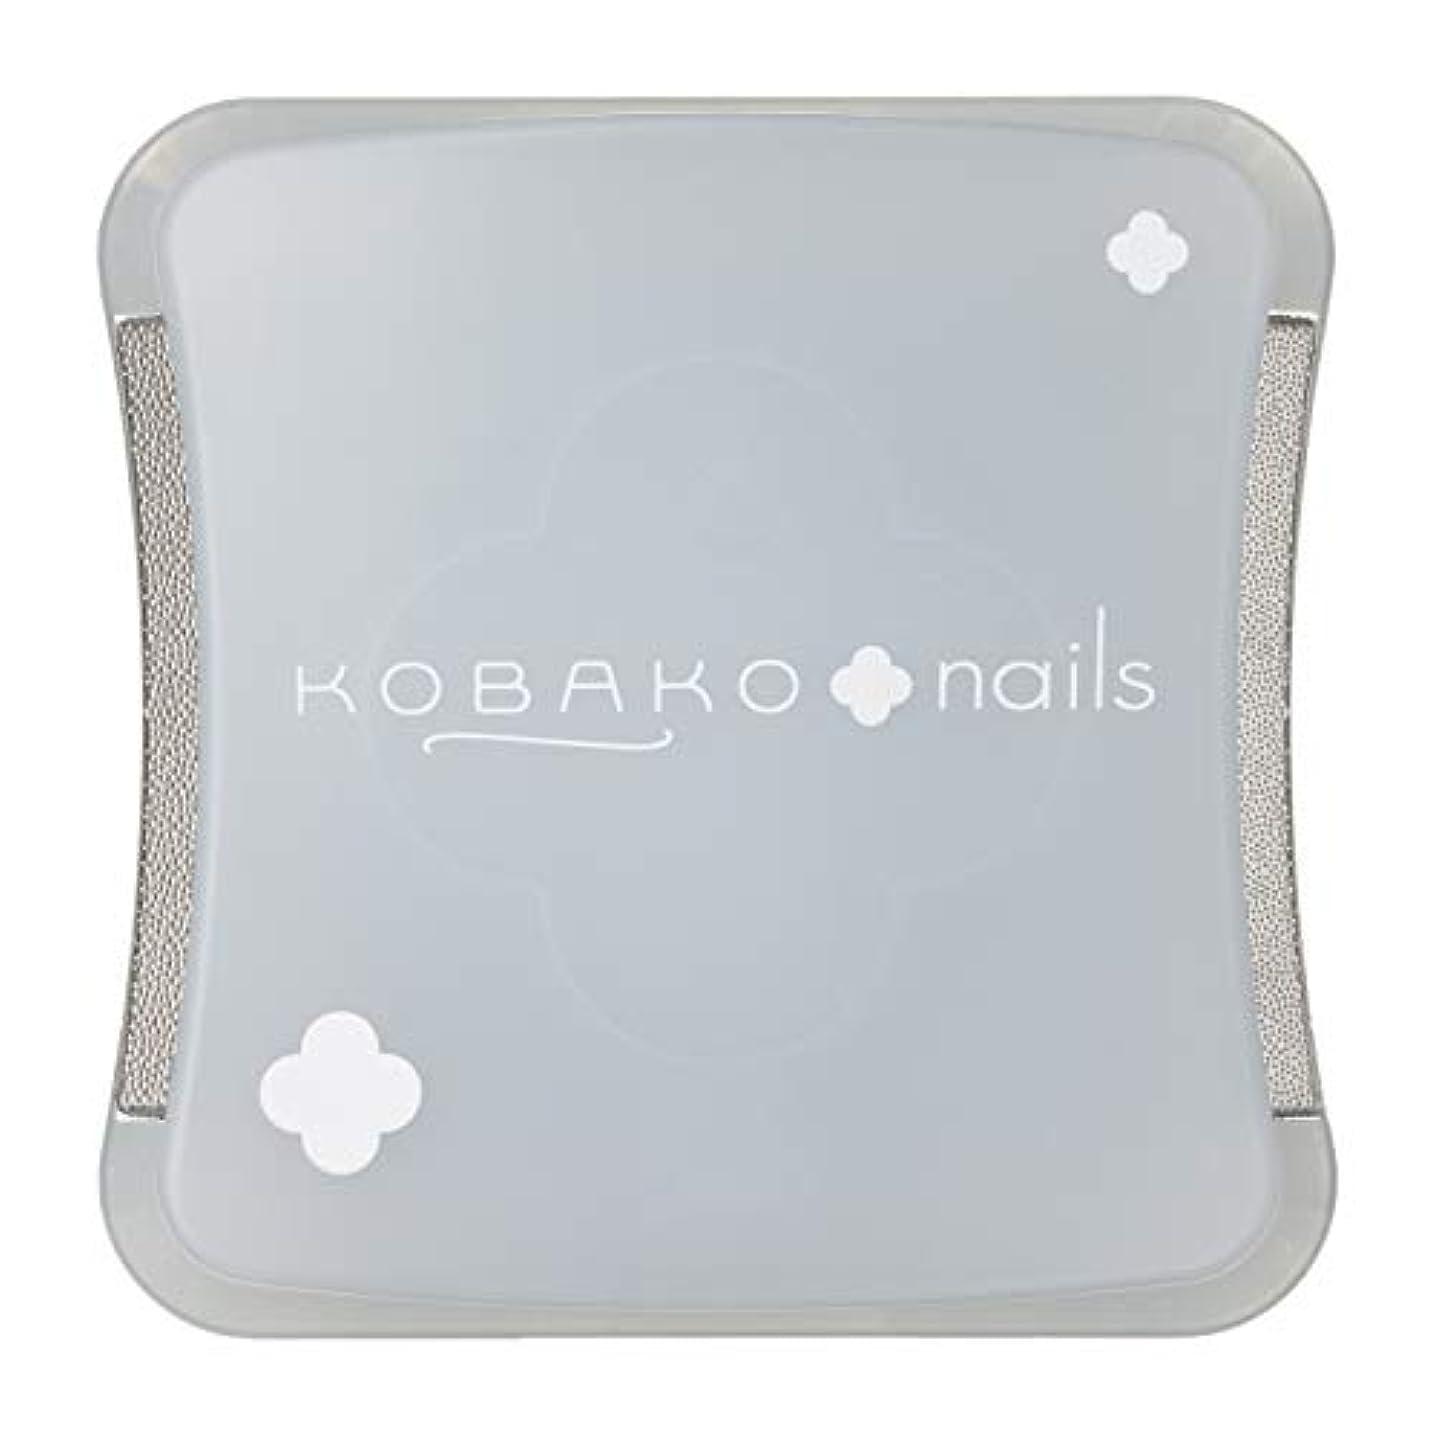 汚物アルファベット彫るKOBAKO(コバコ) コンパクトネイルファイル